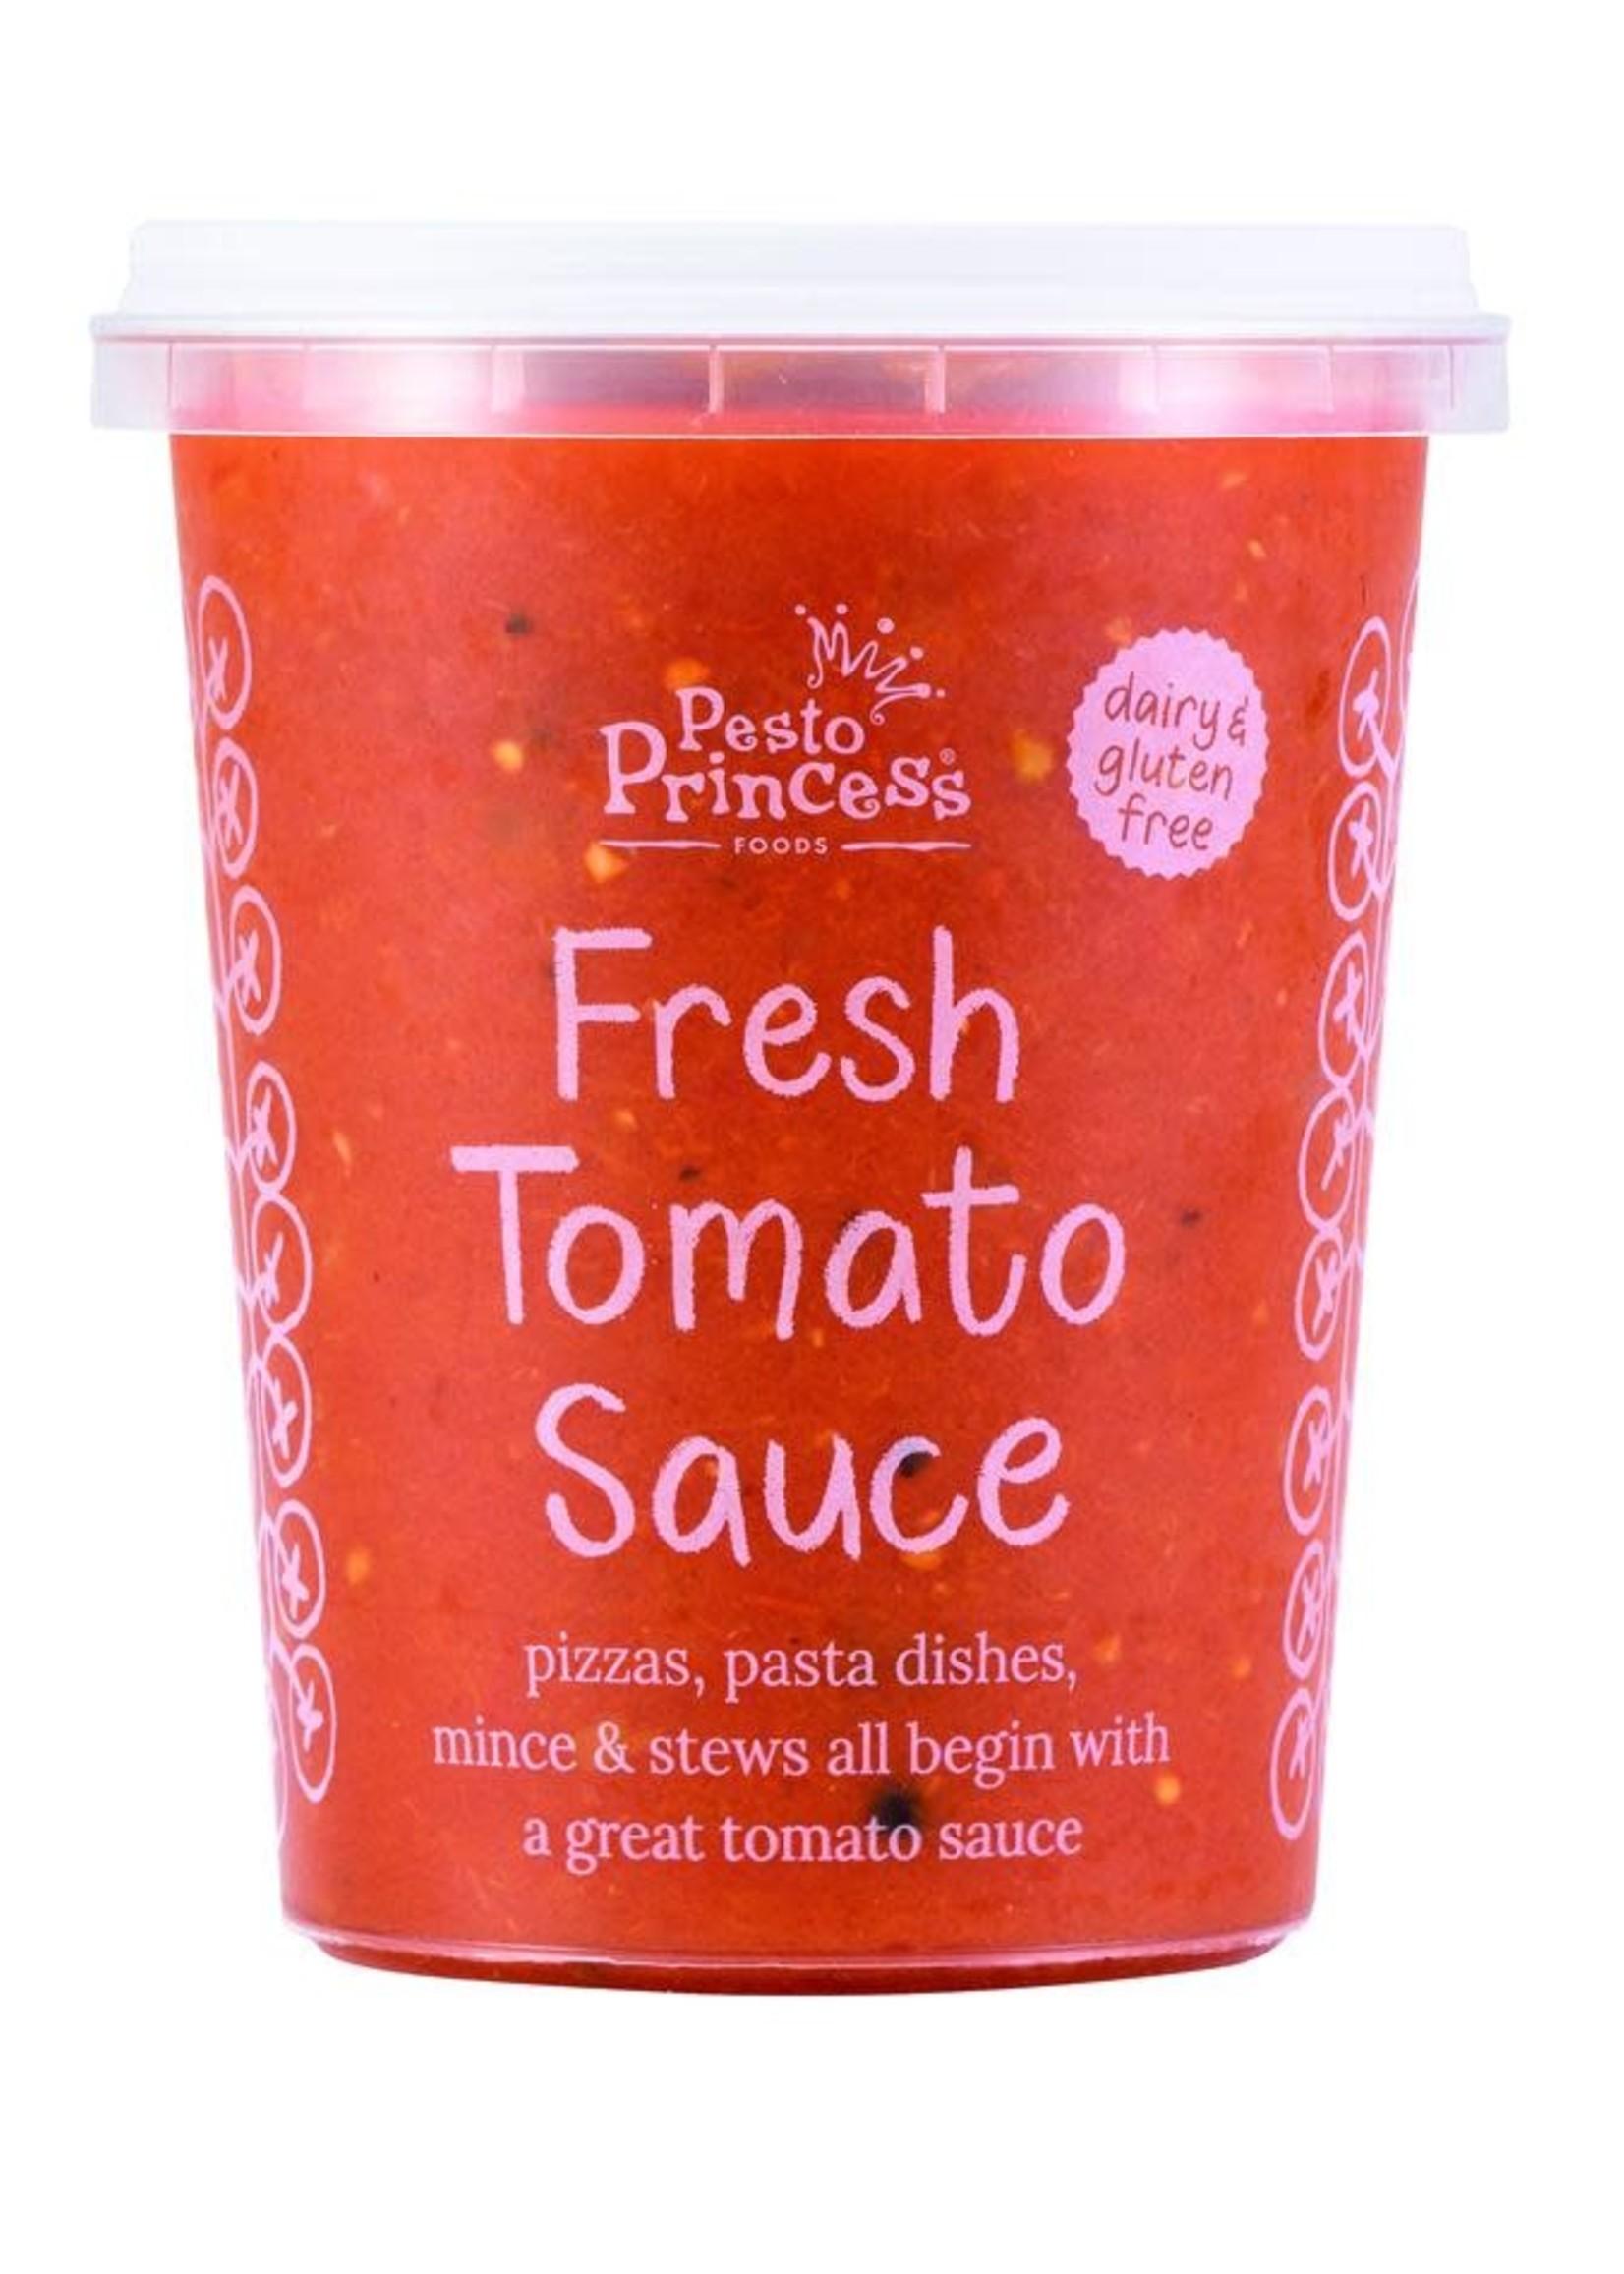 Pesto Princess Pesto Princess - Fresh Tomato sauce